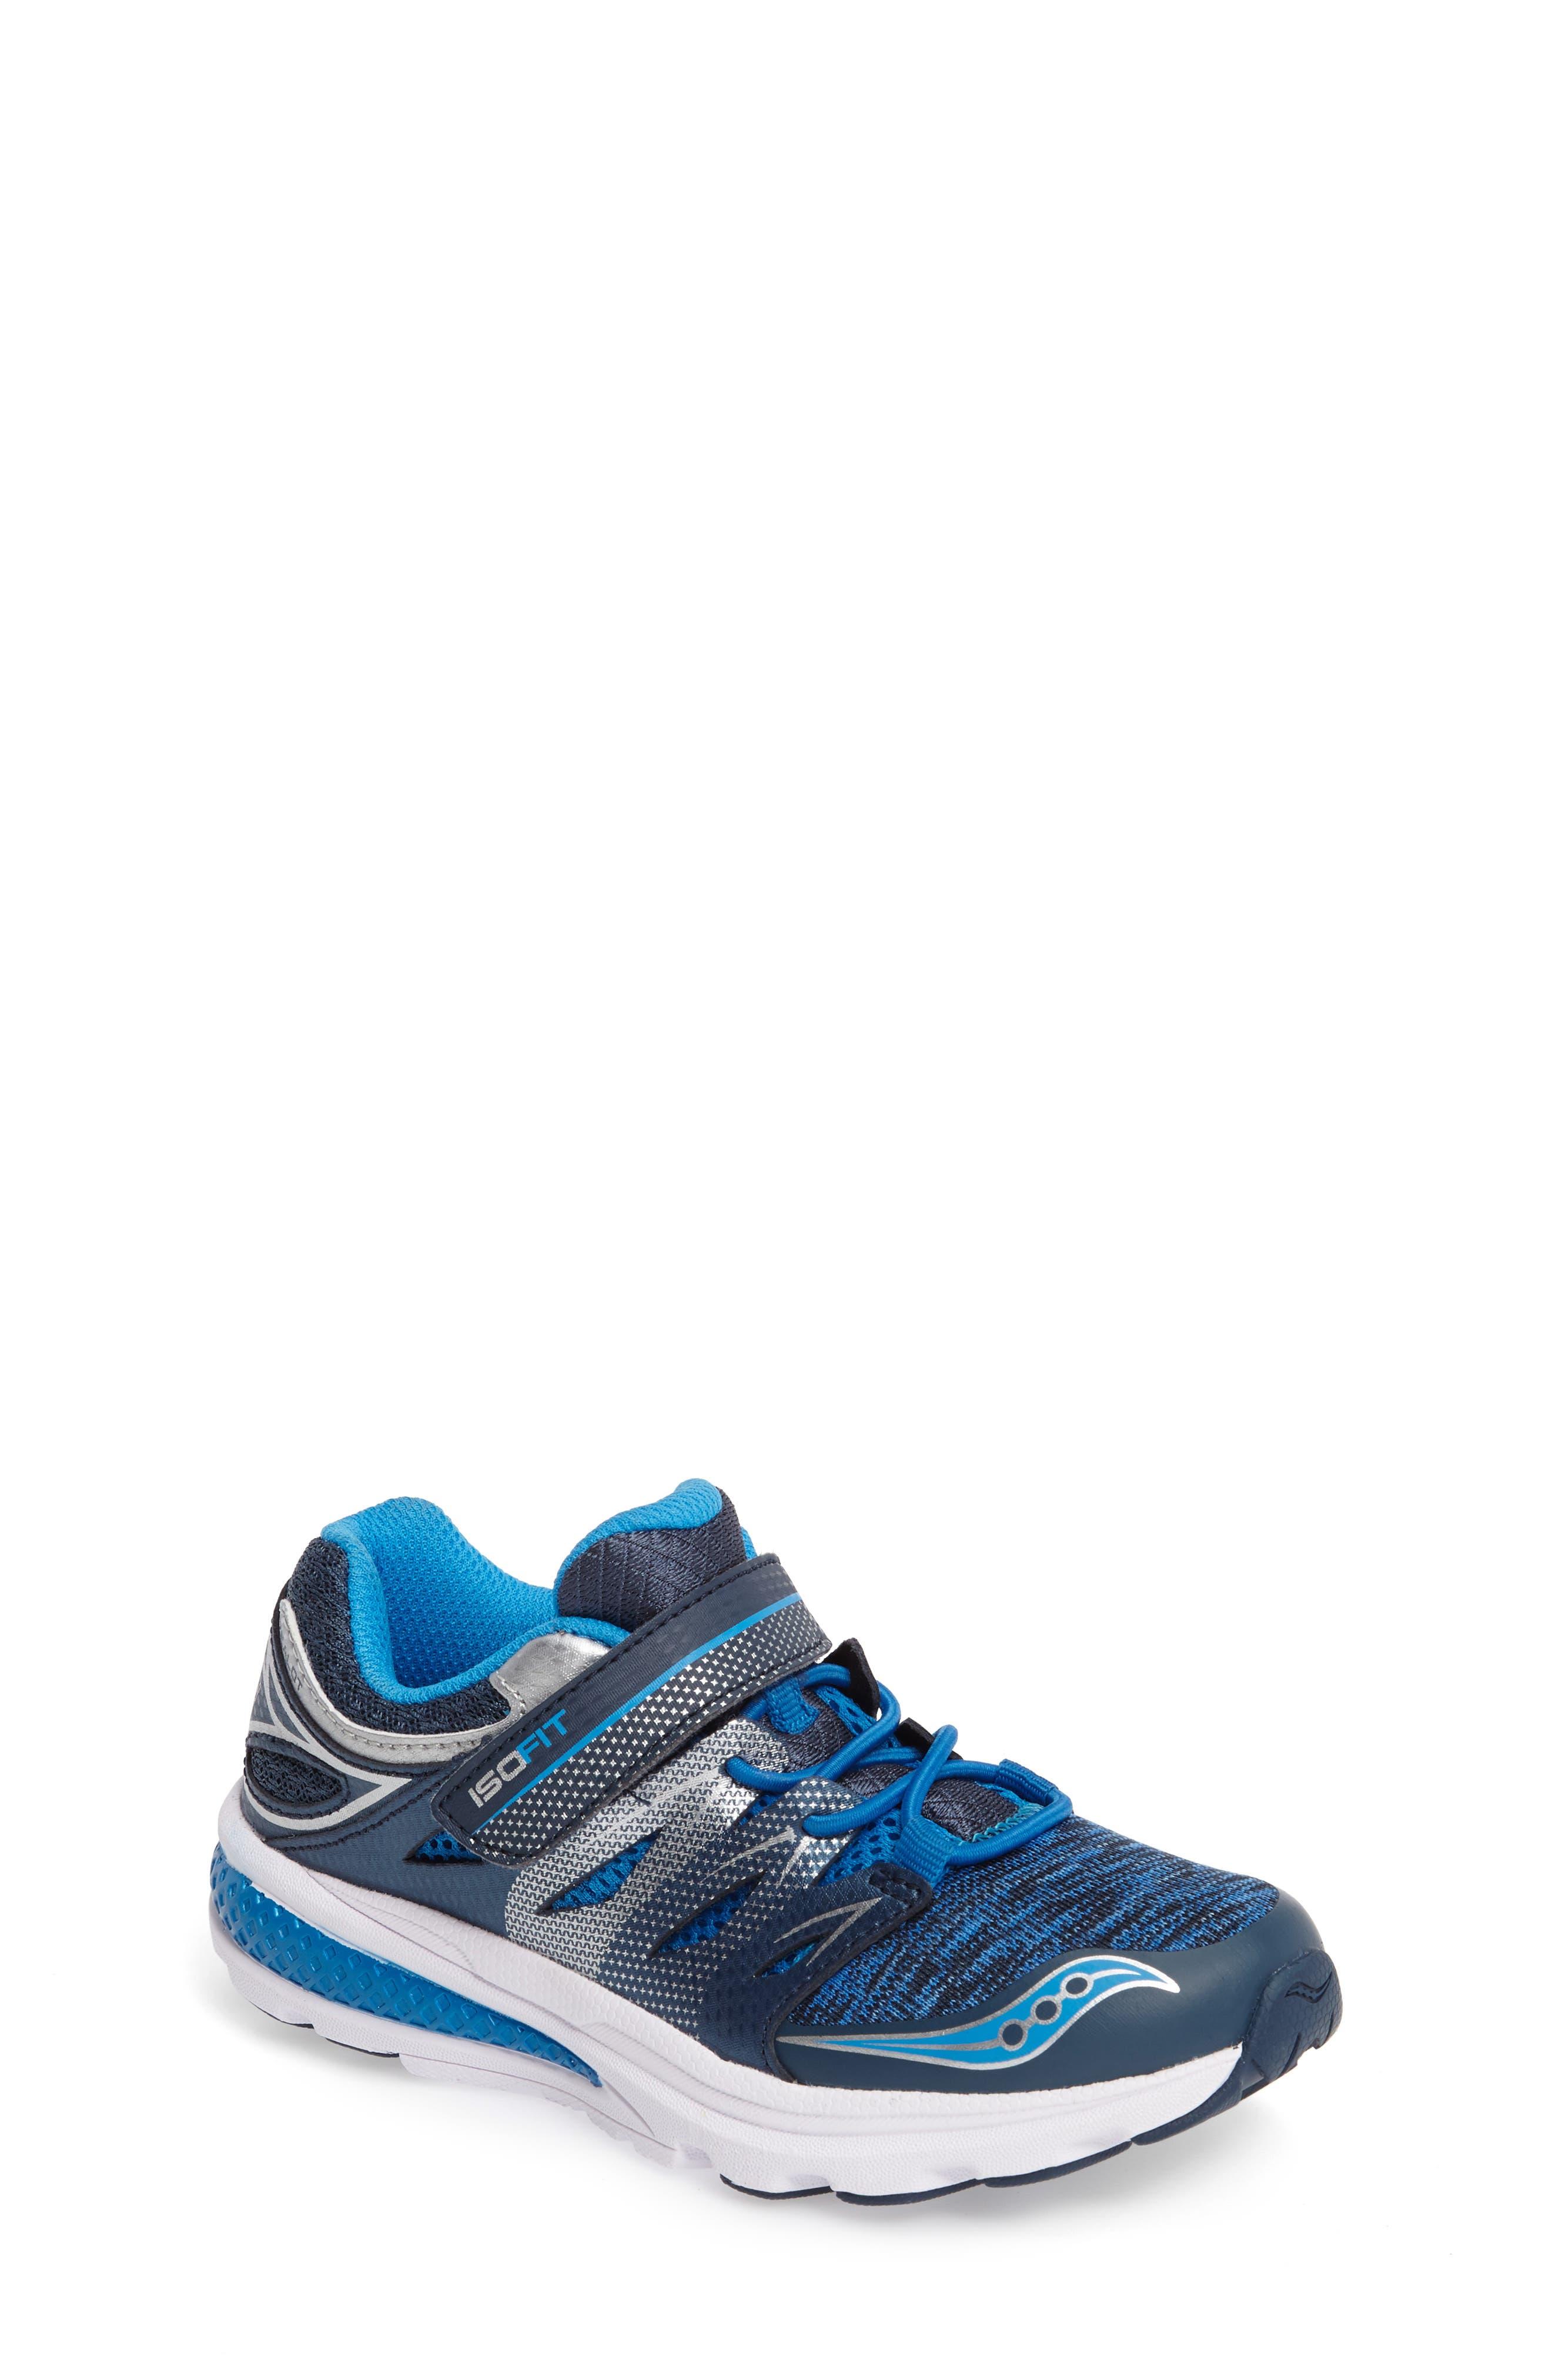 SAUCONY Zealot 2 A/C Sneaker